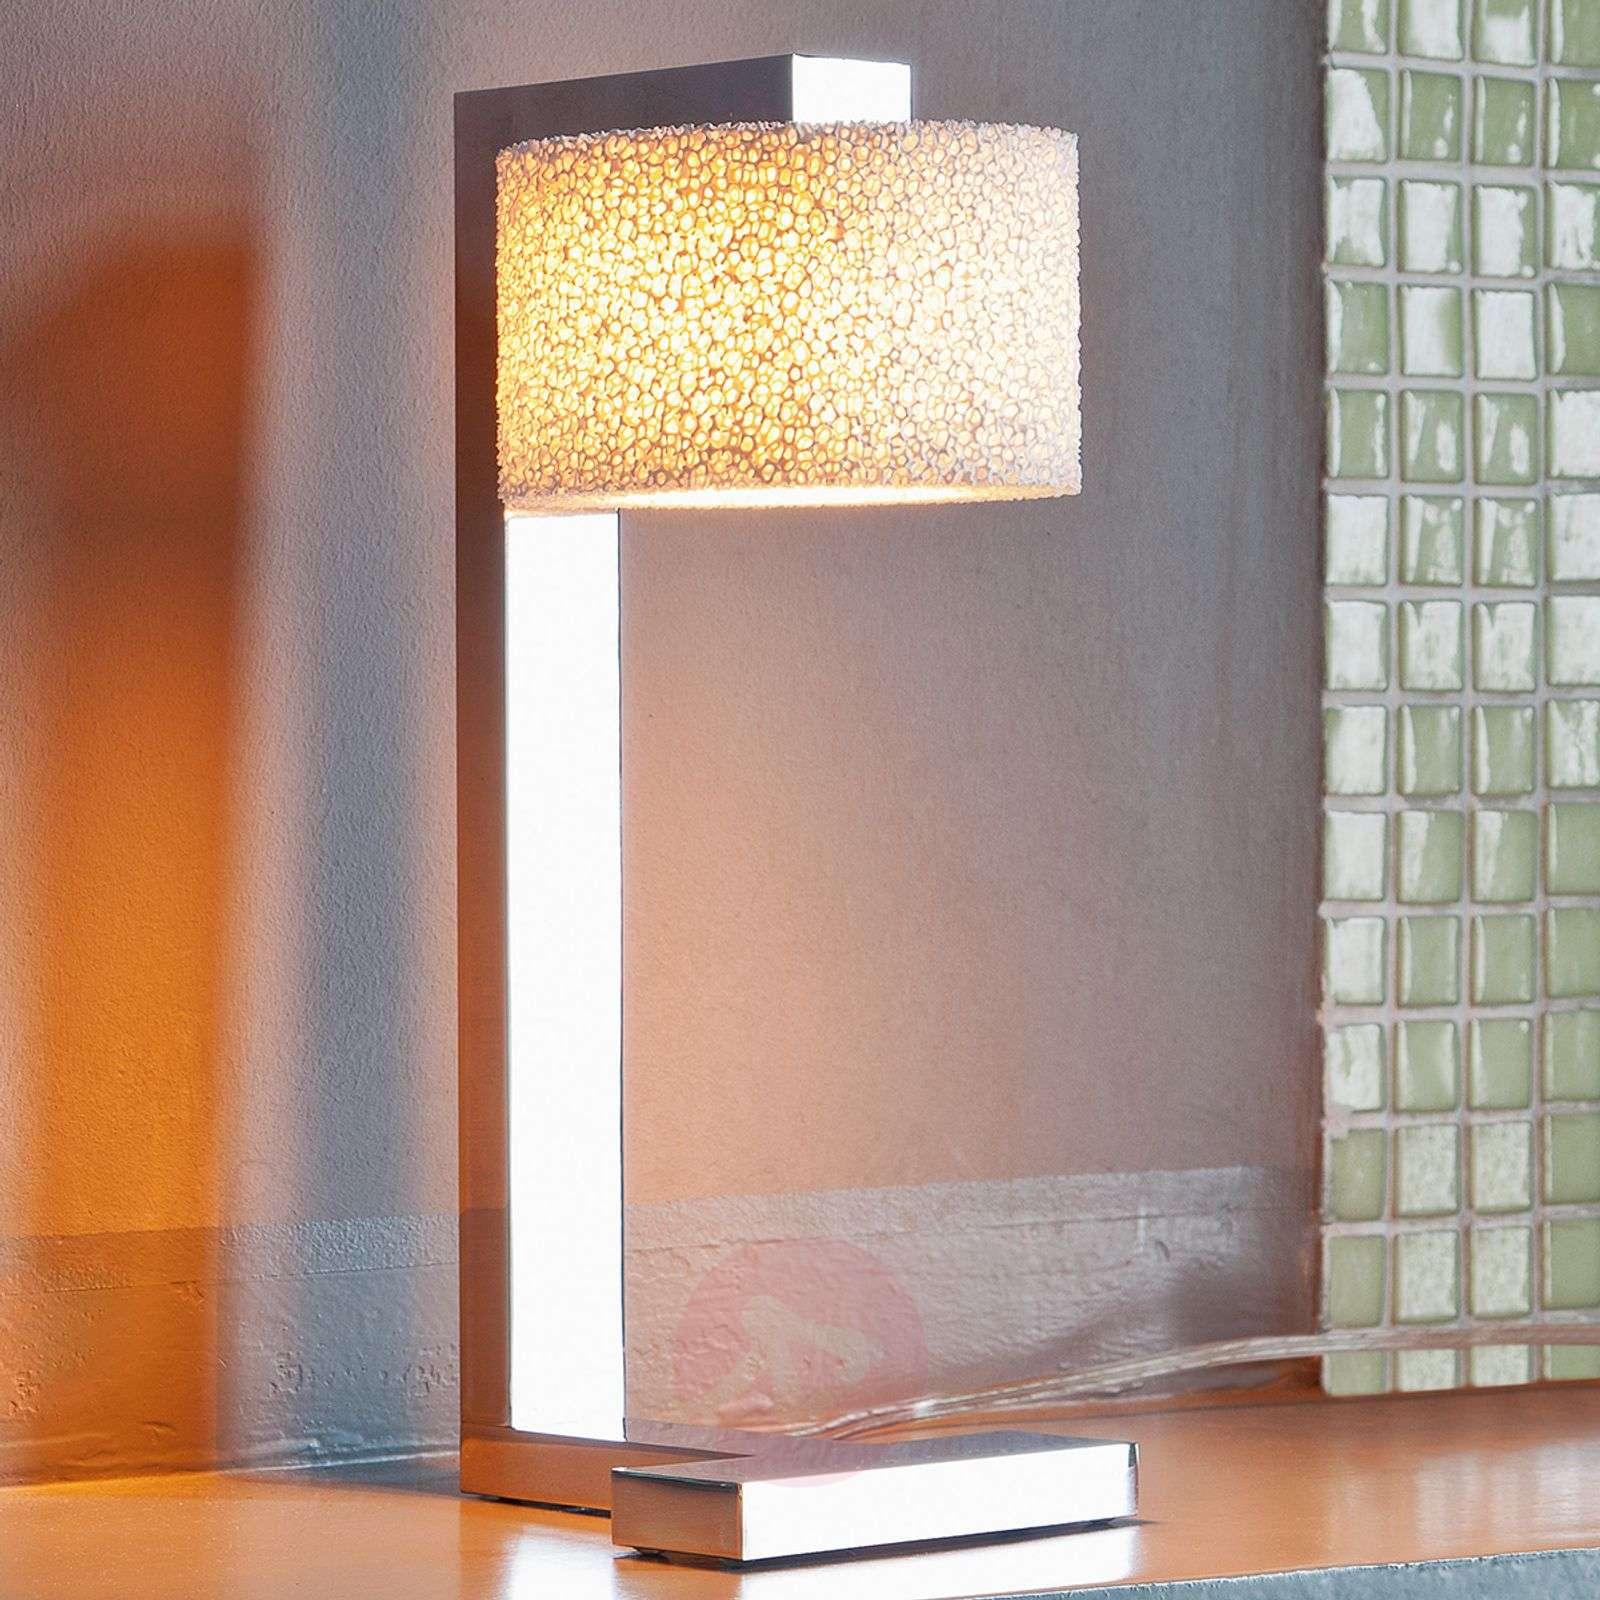 Design-LED-pöytävalaisin Reef vaahtokeramiikkaa-8550049-01